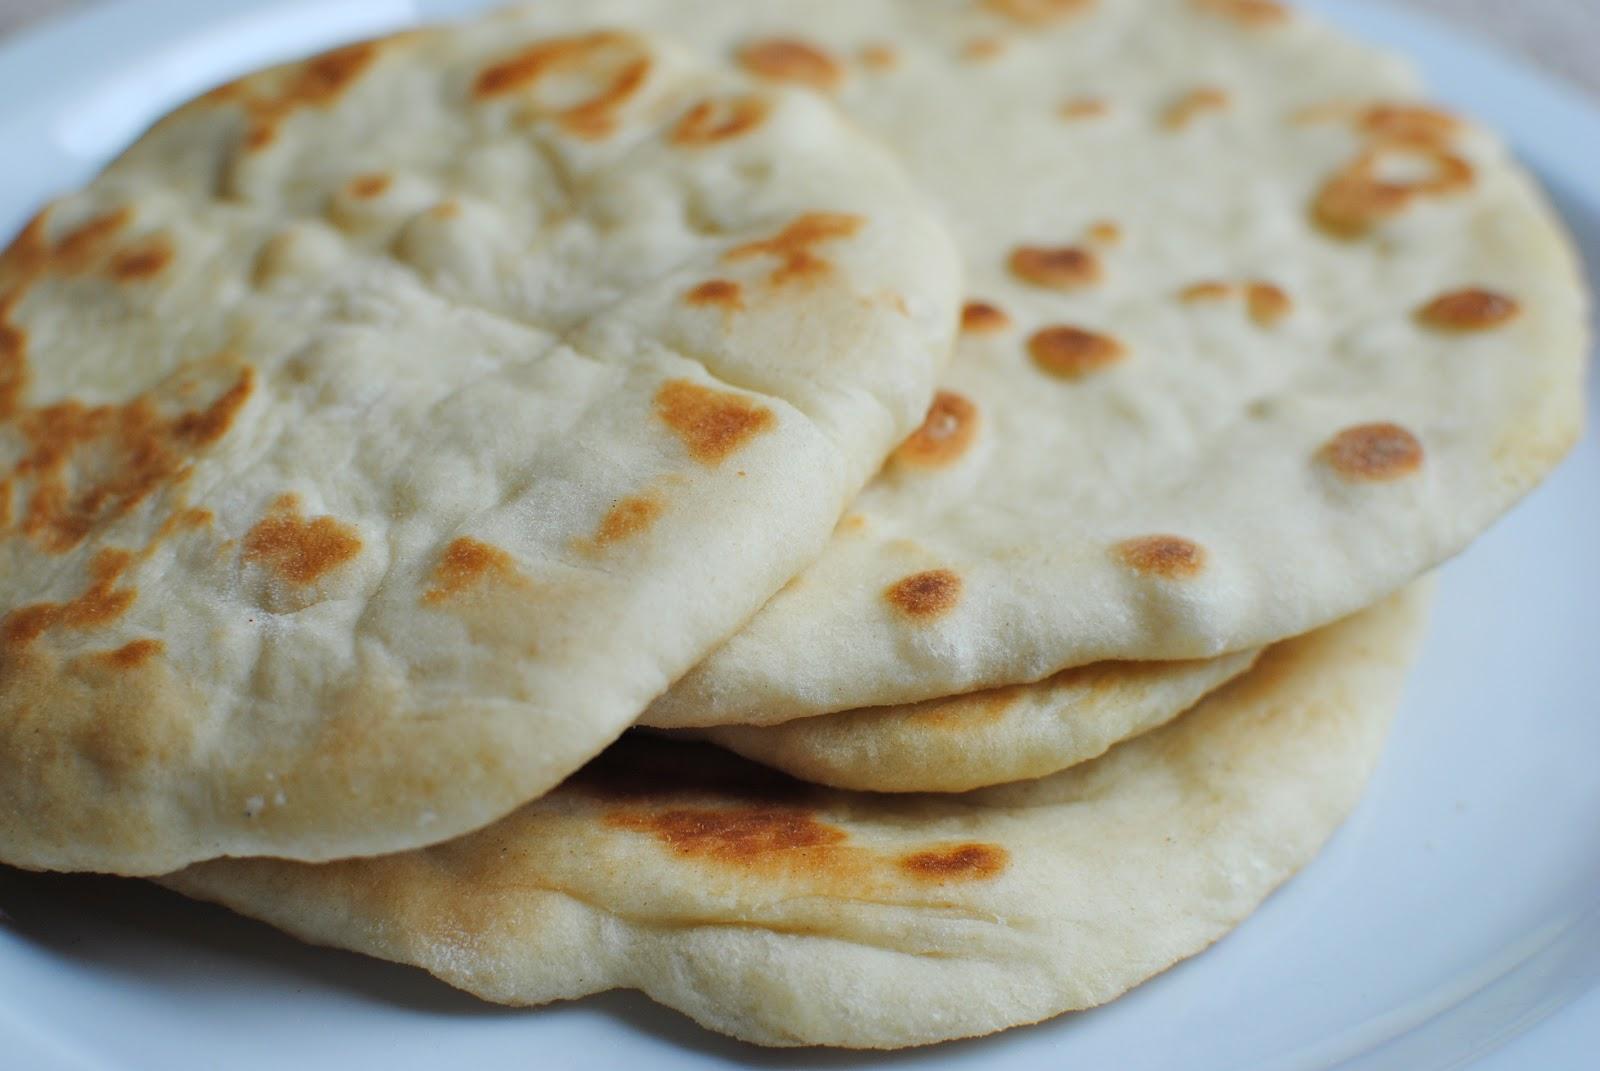 Resepi Roti Naan - Resepi Bonda